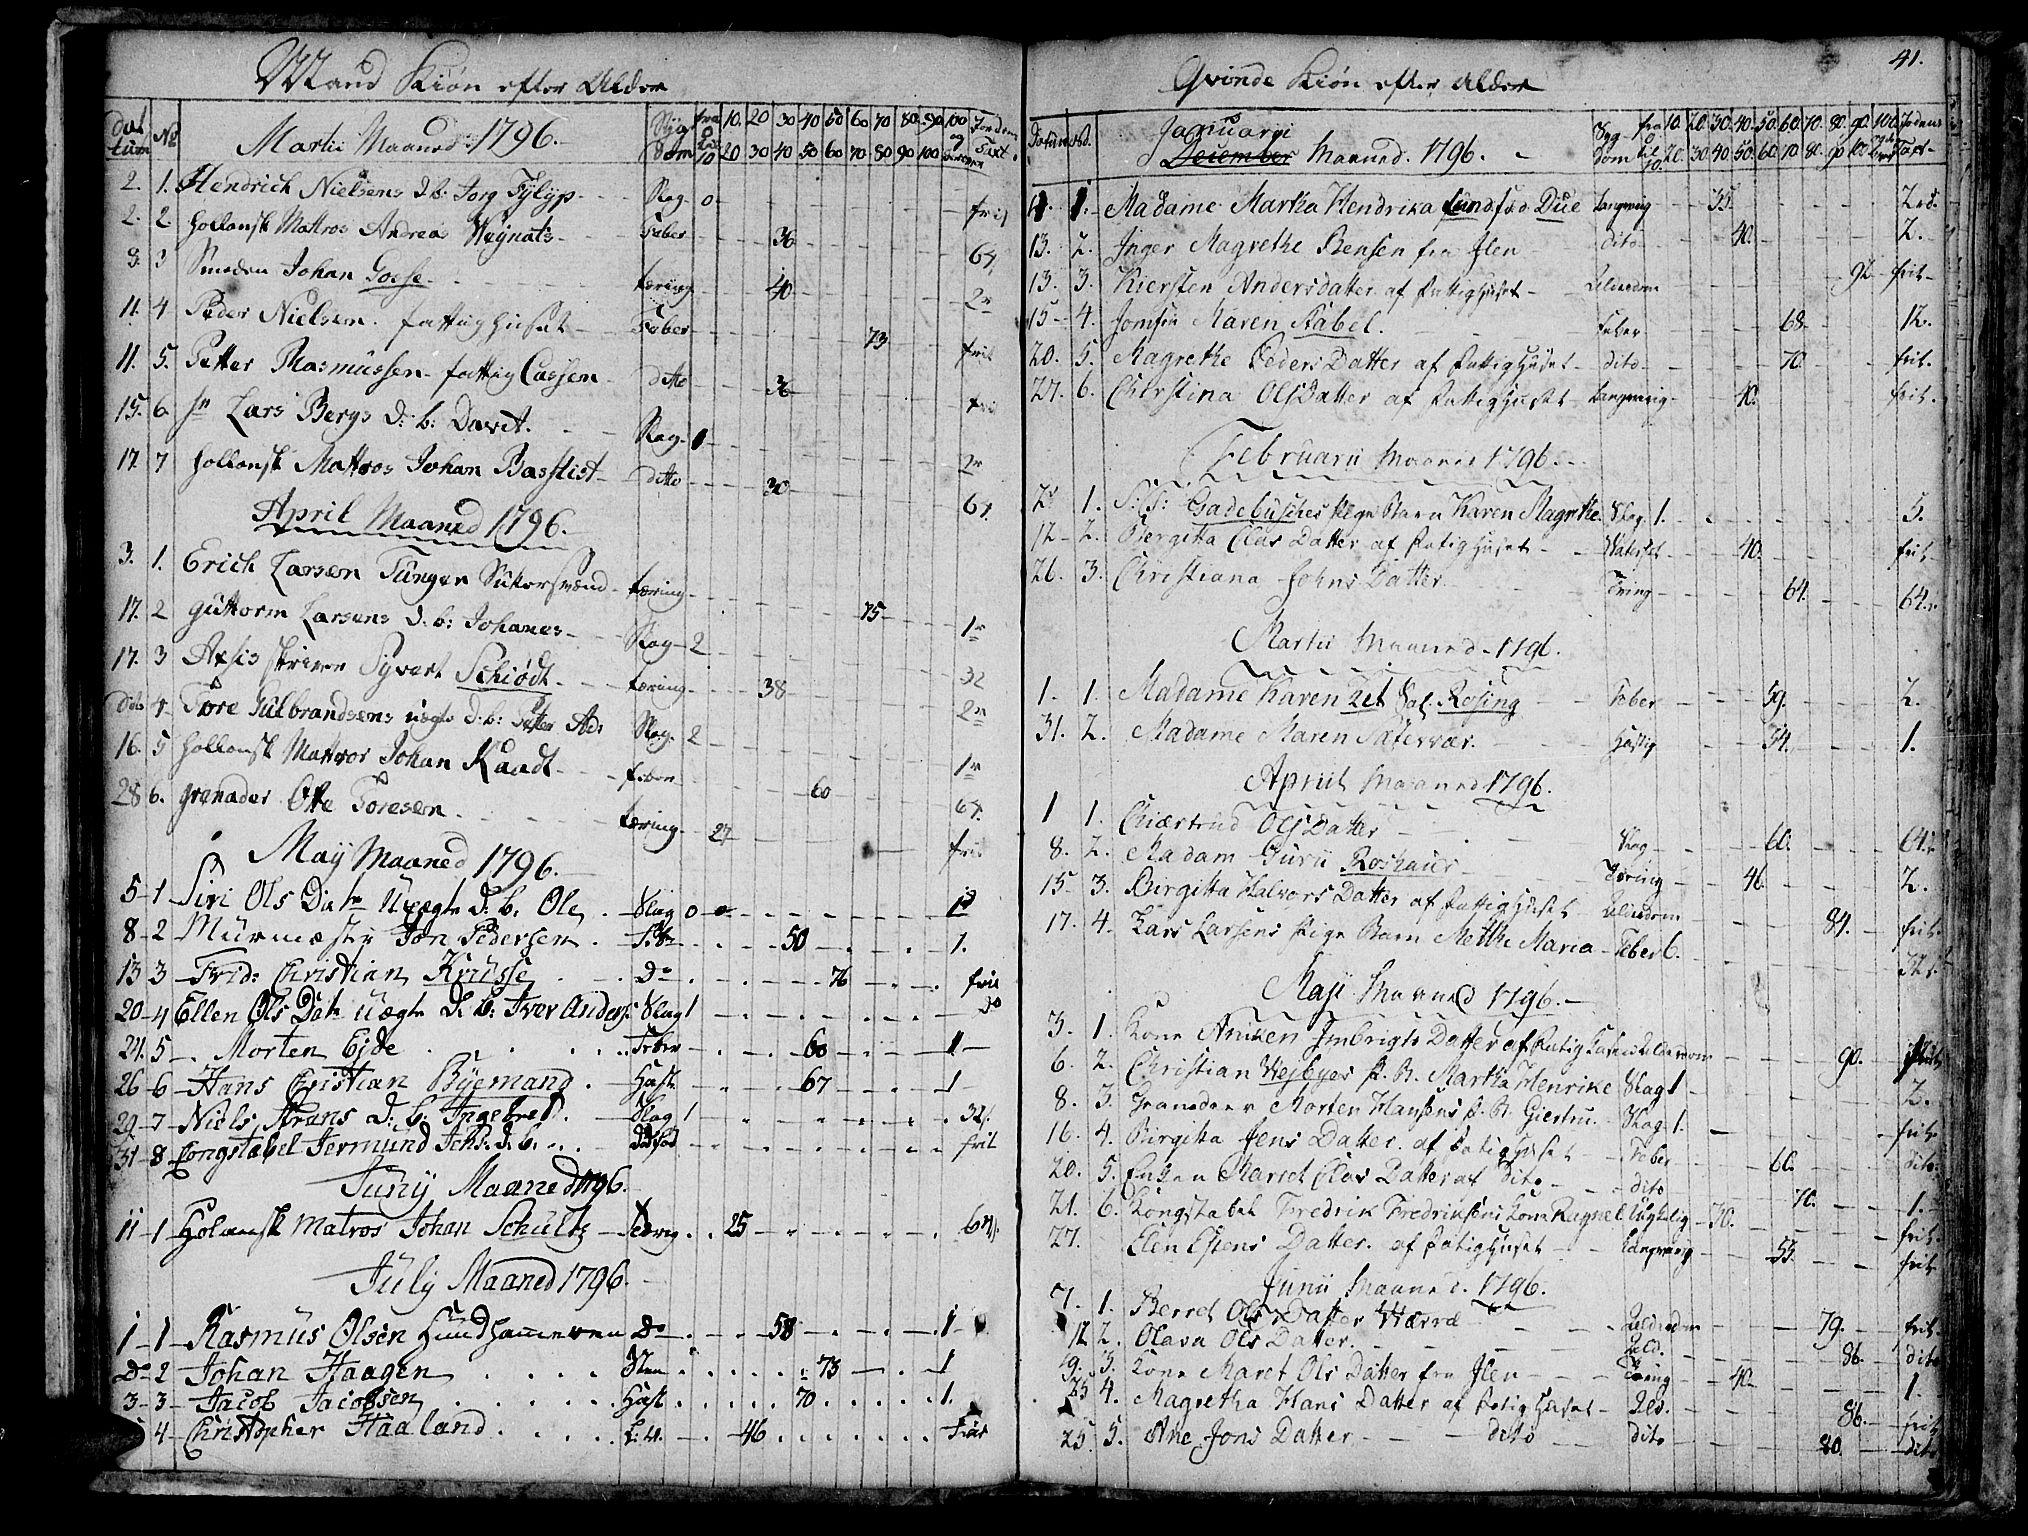 SAT, Ministerialprotokoller, klokkerbøker og fødselsregistre - Sør-Trøndelag, 601/L0040: Ministerialbok nr. 601A08, 1783-1818, s. 41